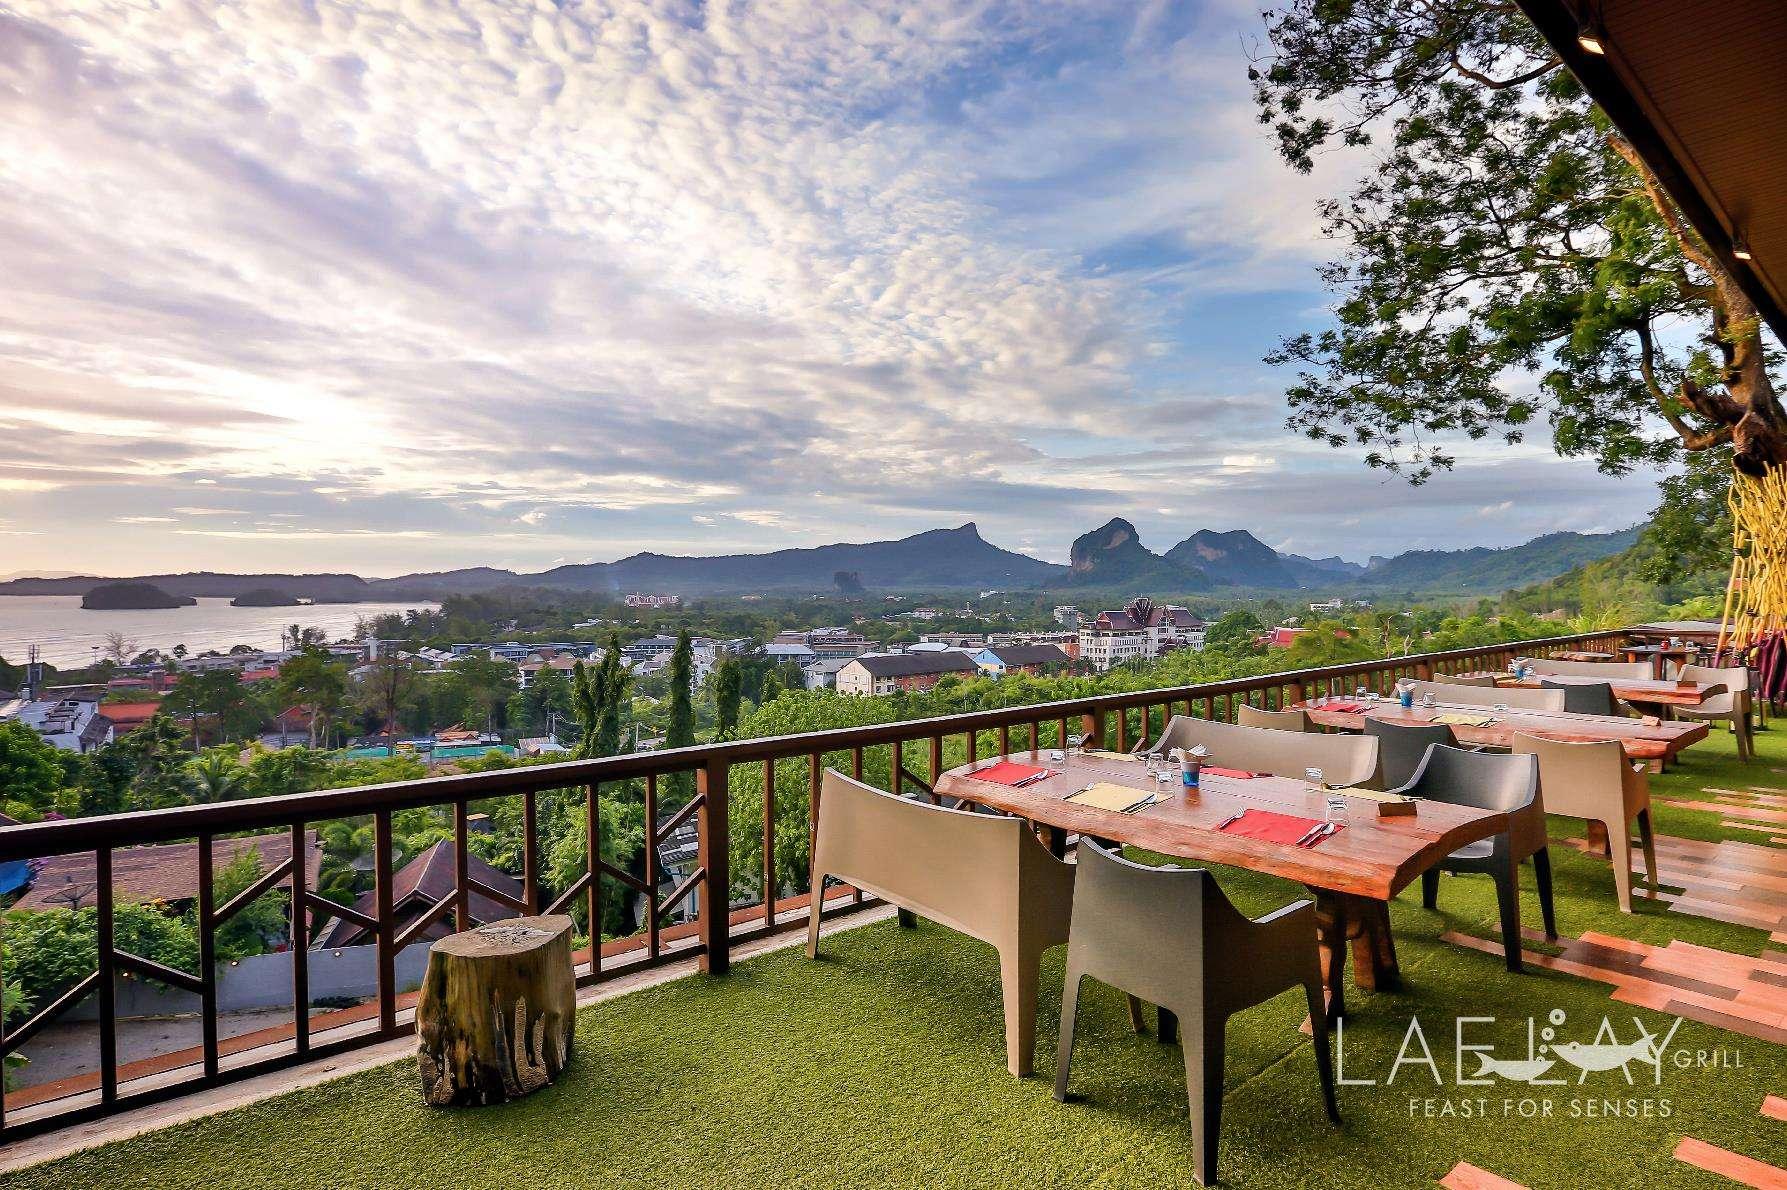 Uitzicht vanaf Lae Lay Grill (een van de beste restaurants van Ao Nang)